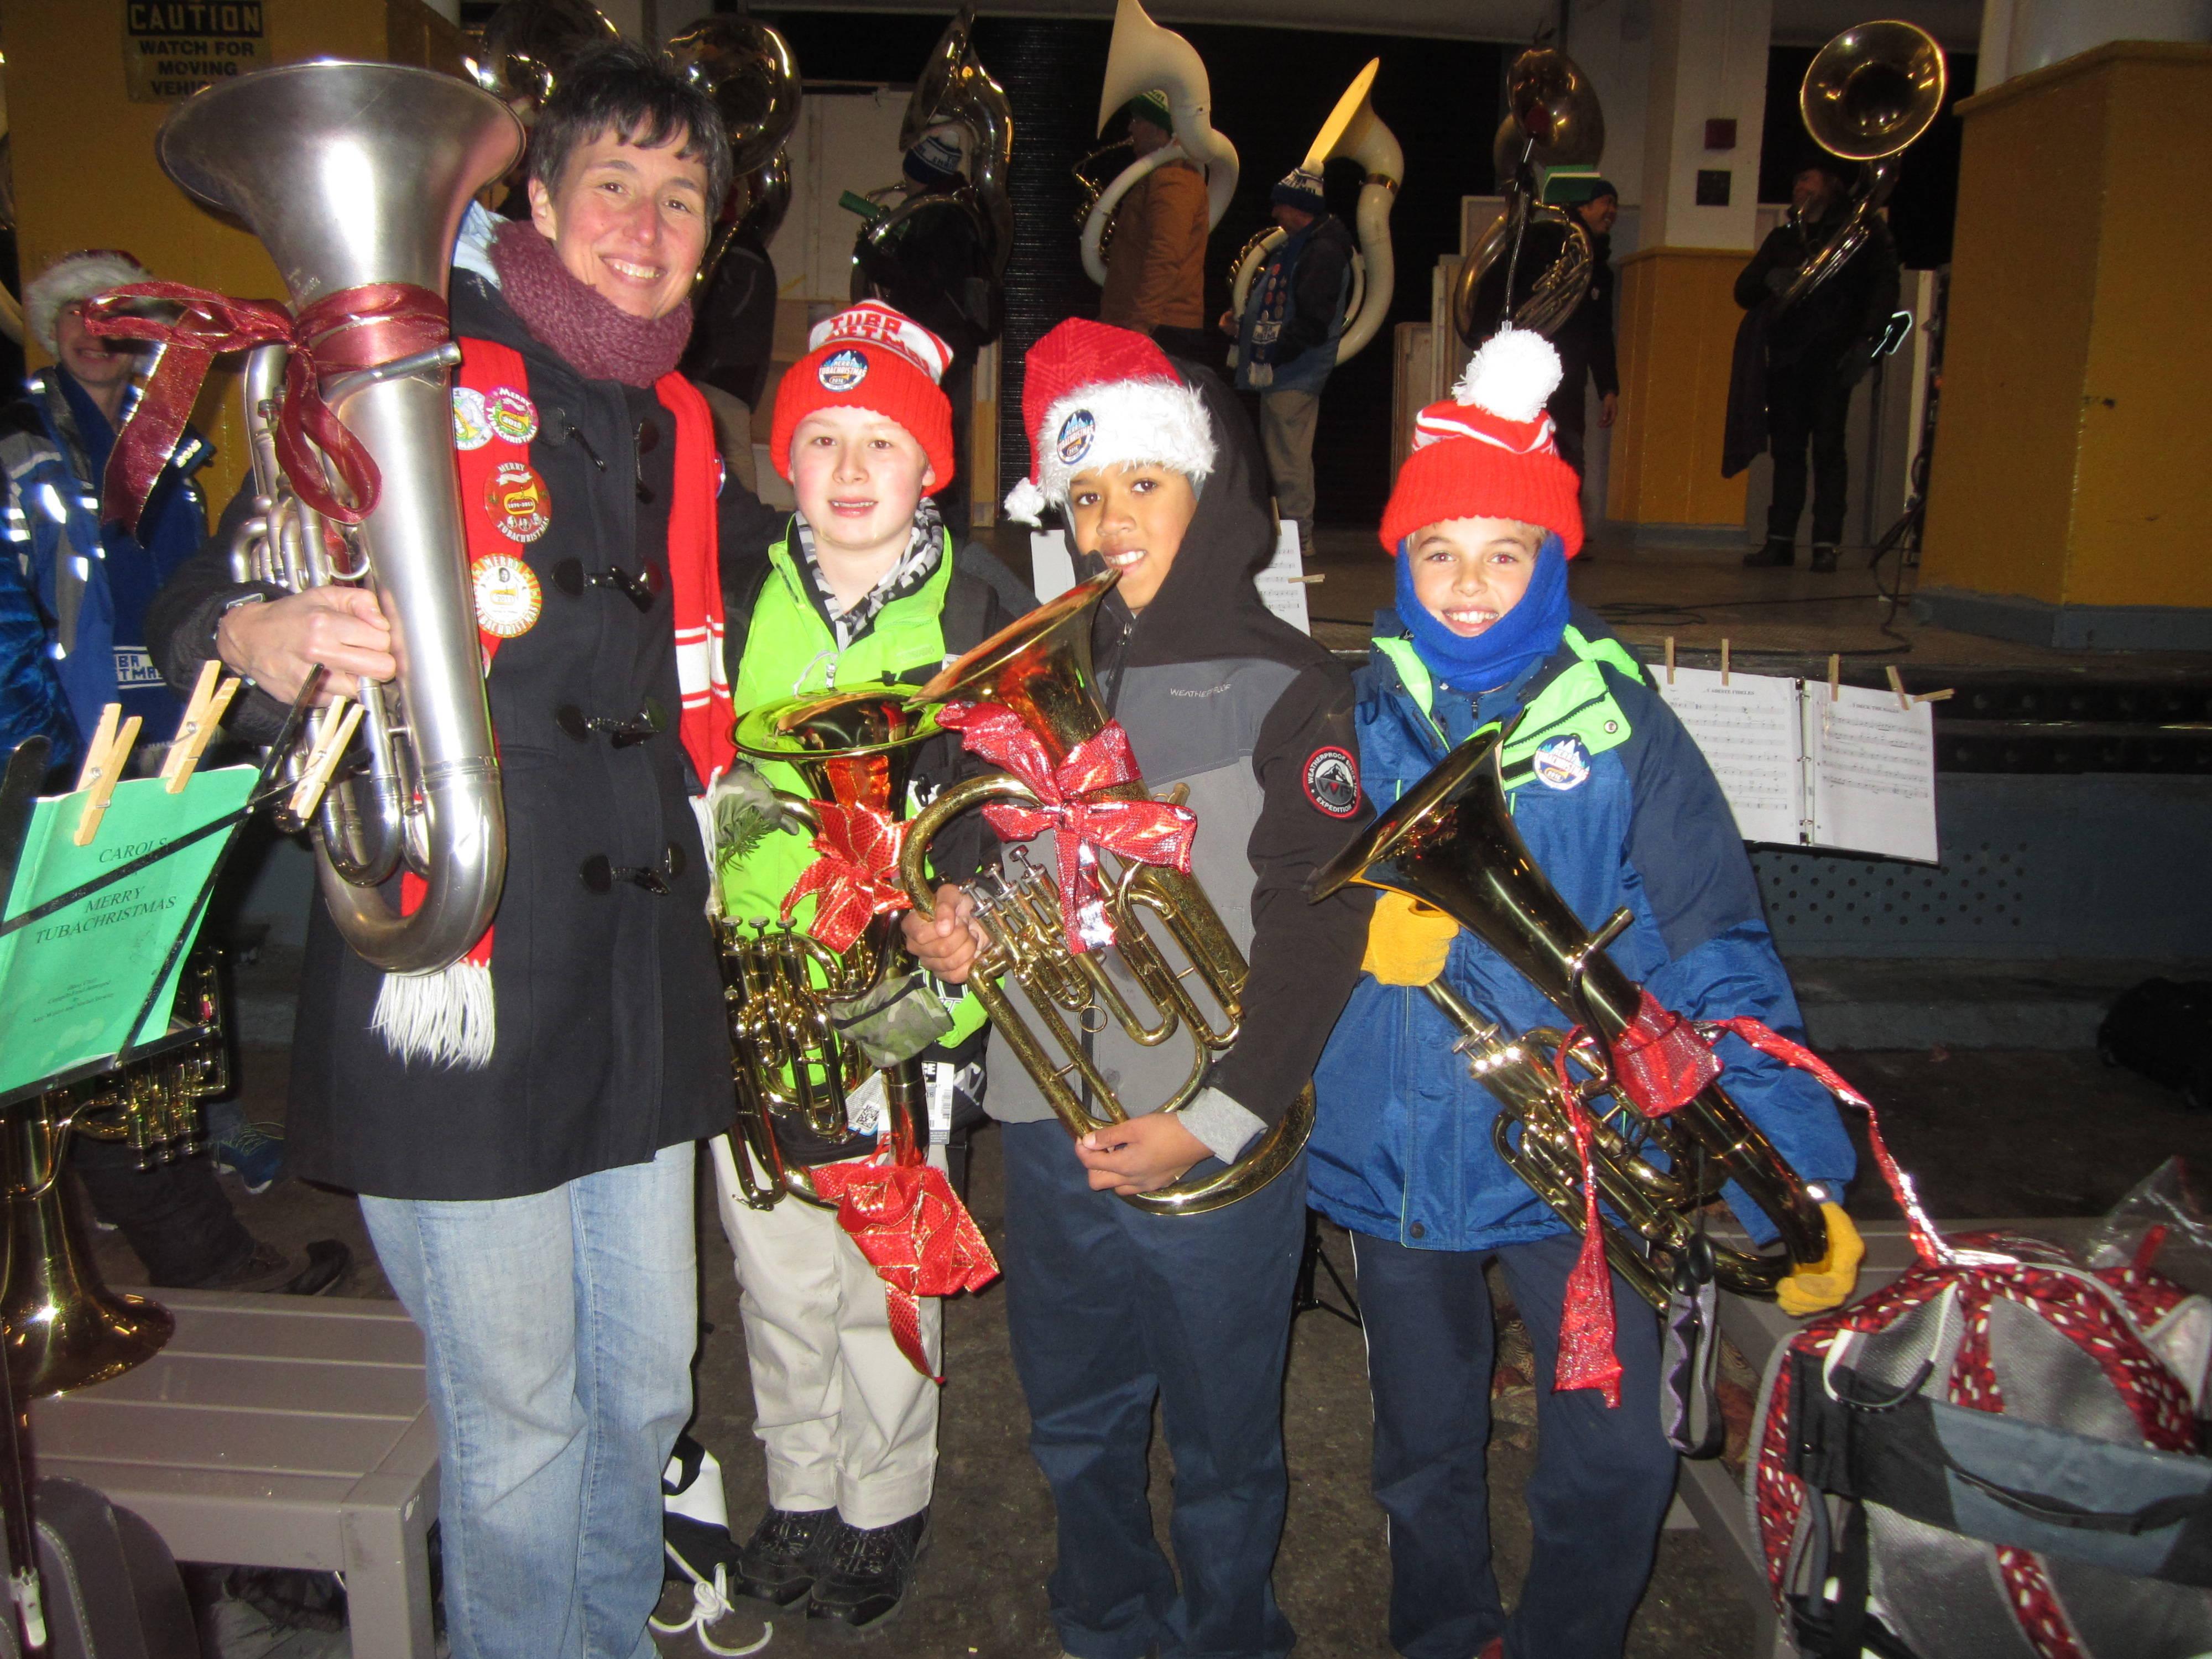 644dd85a65a4b5f1f707_Tuba_Christmas_2016_HMS.JPG